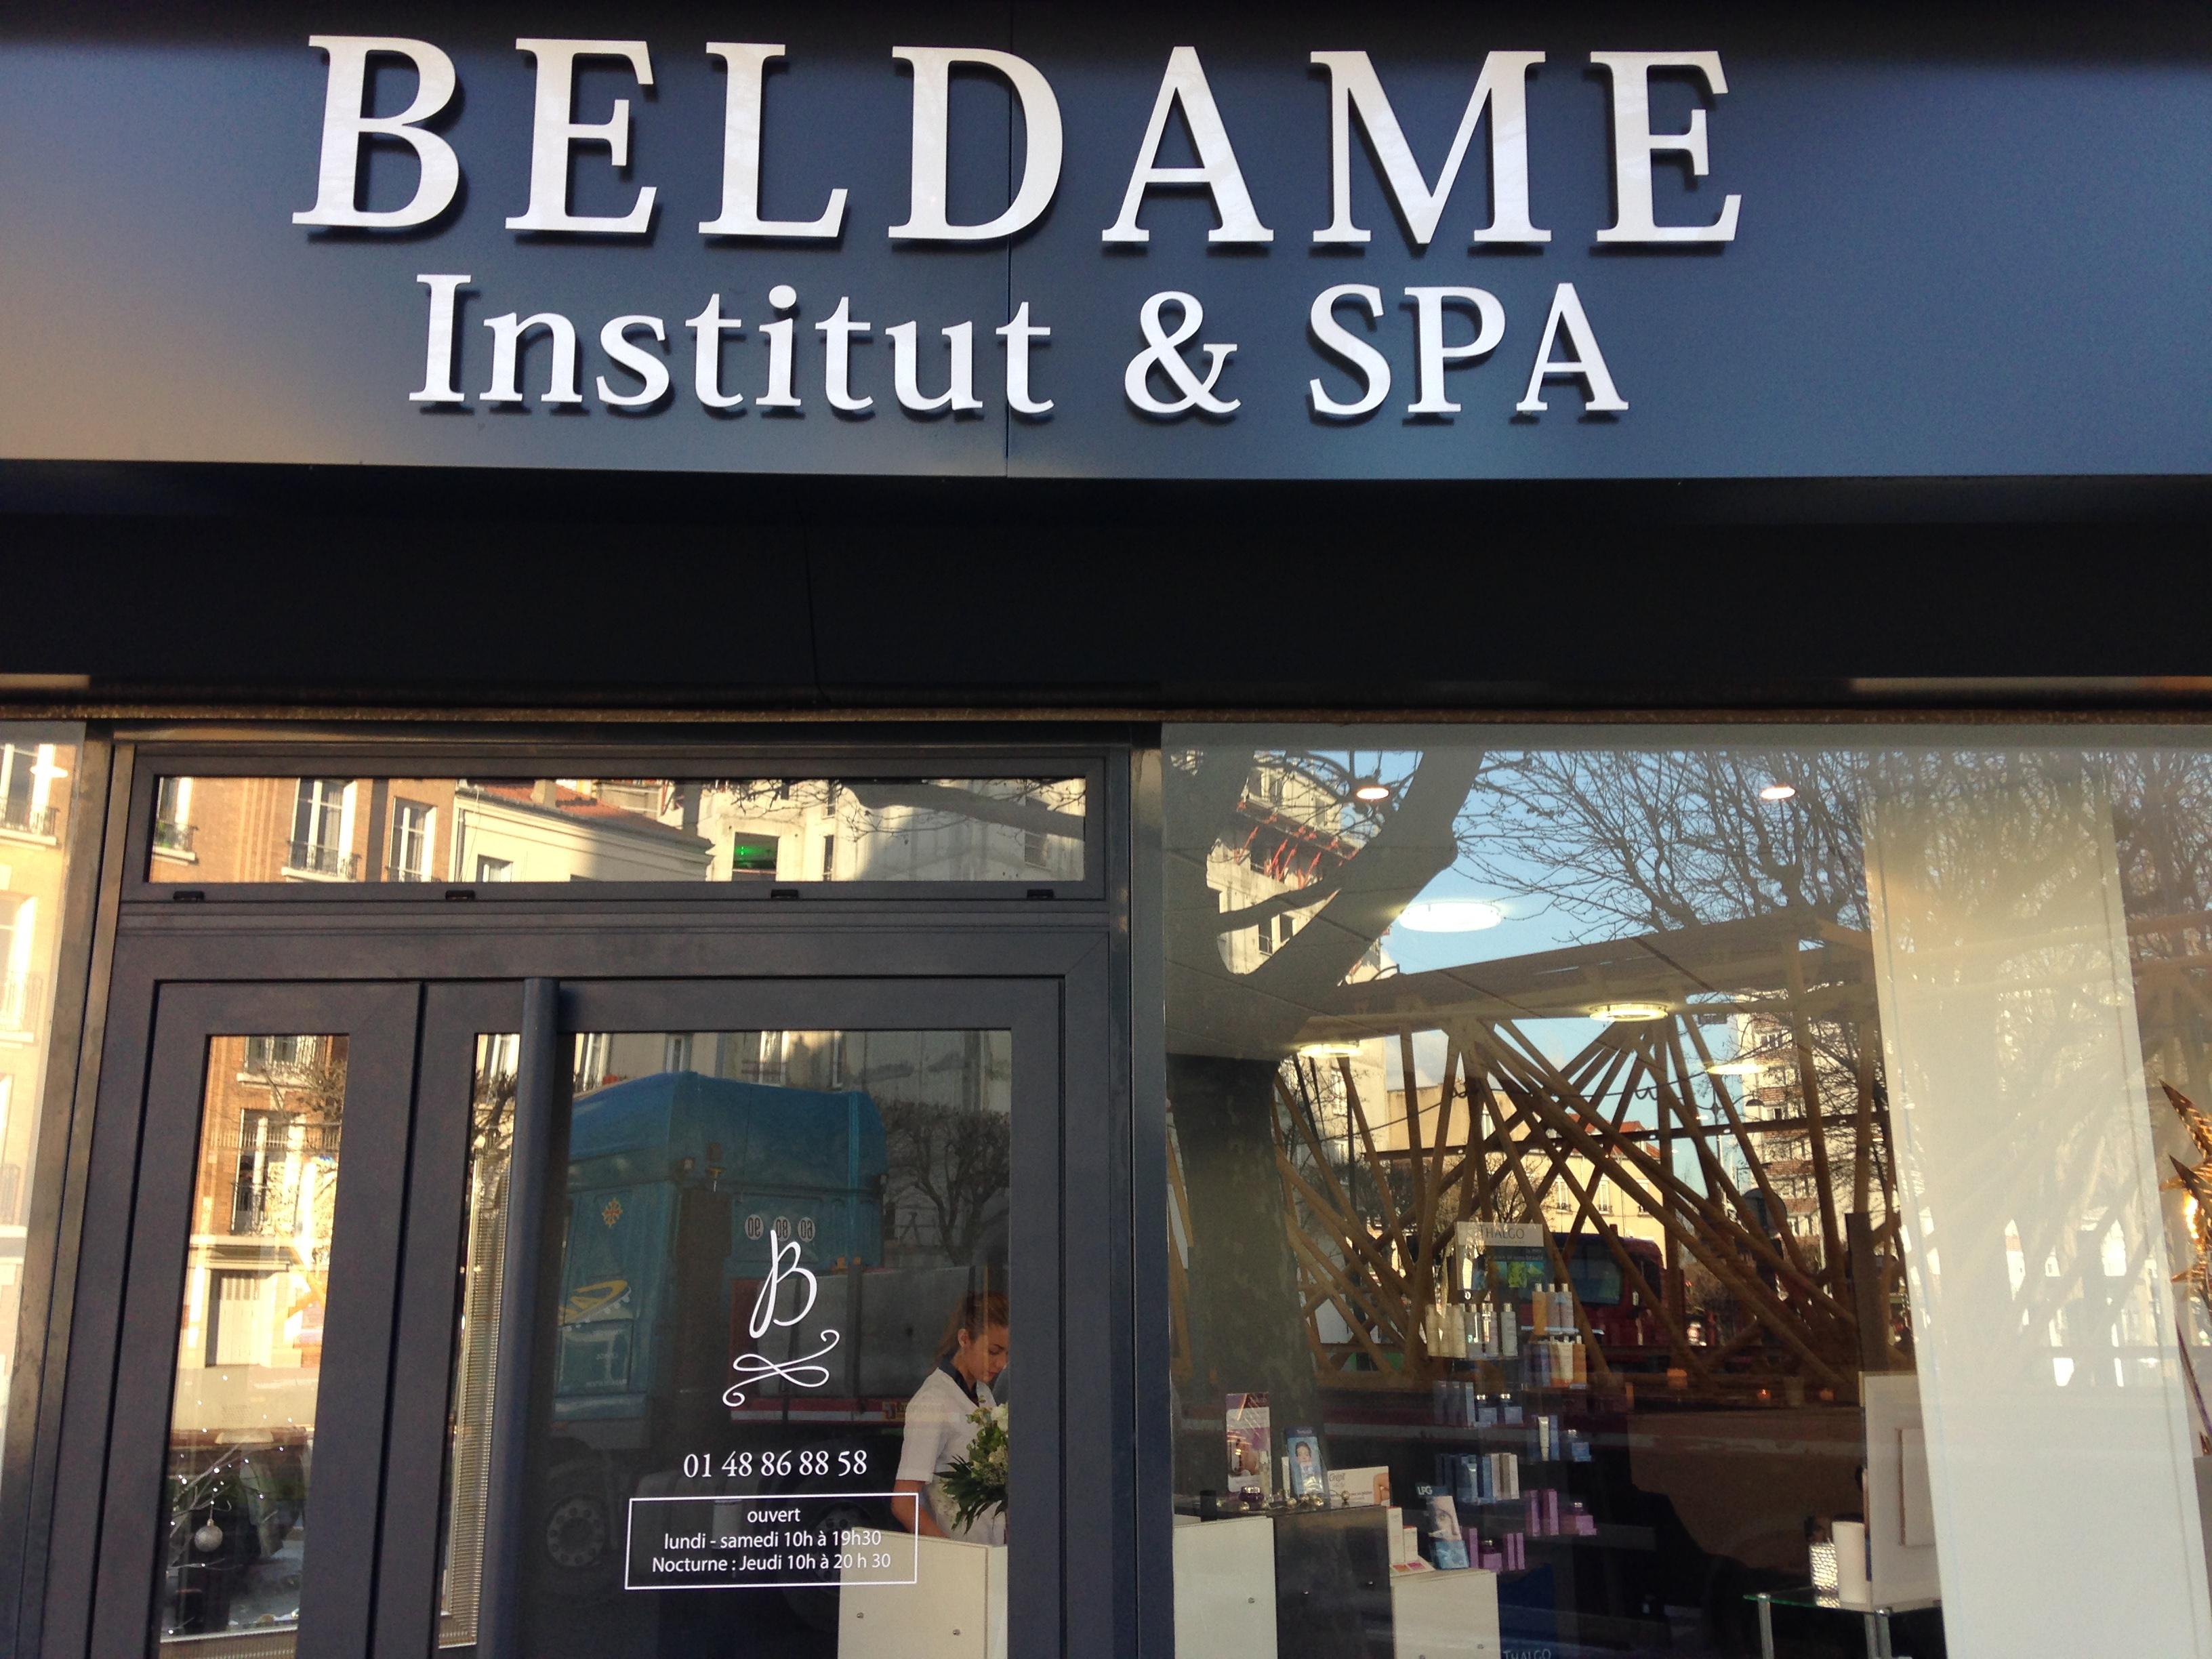 Beldame Institut & Spa à Joinville-le-Pont